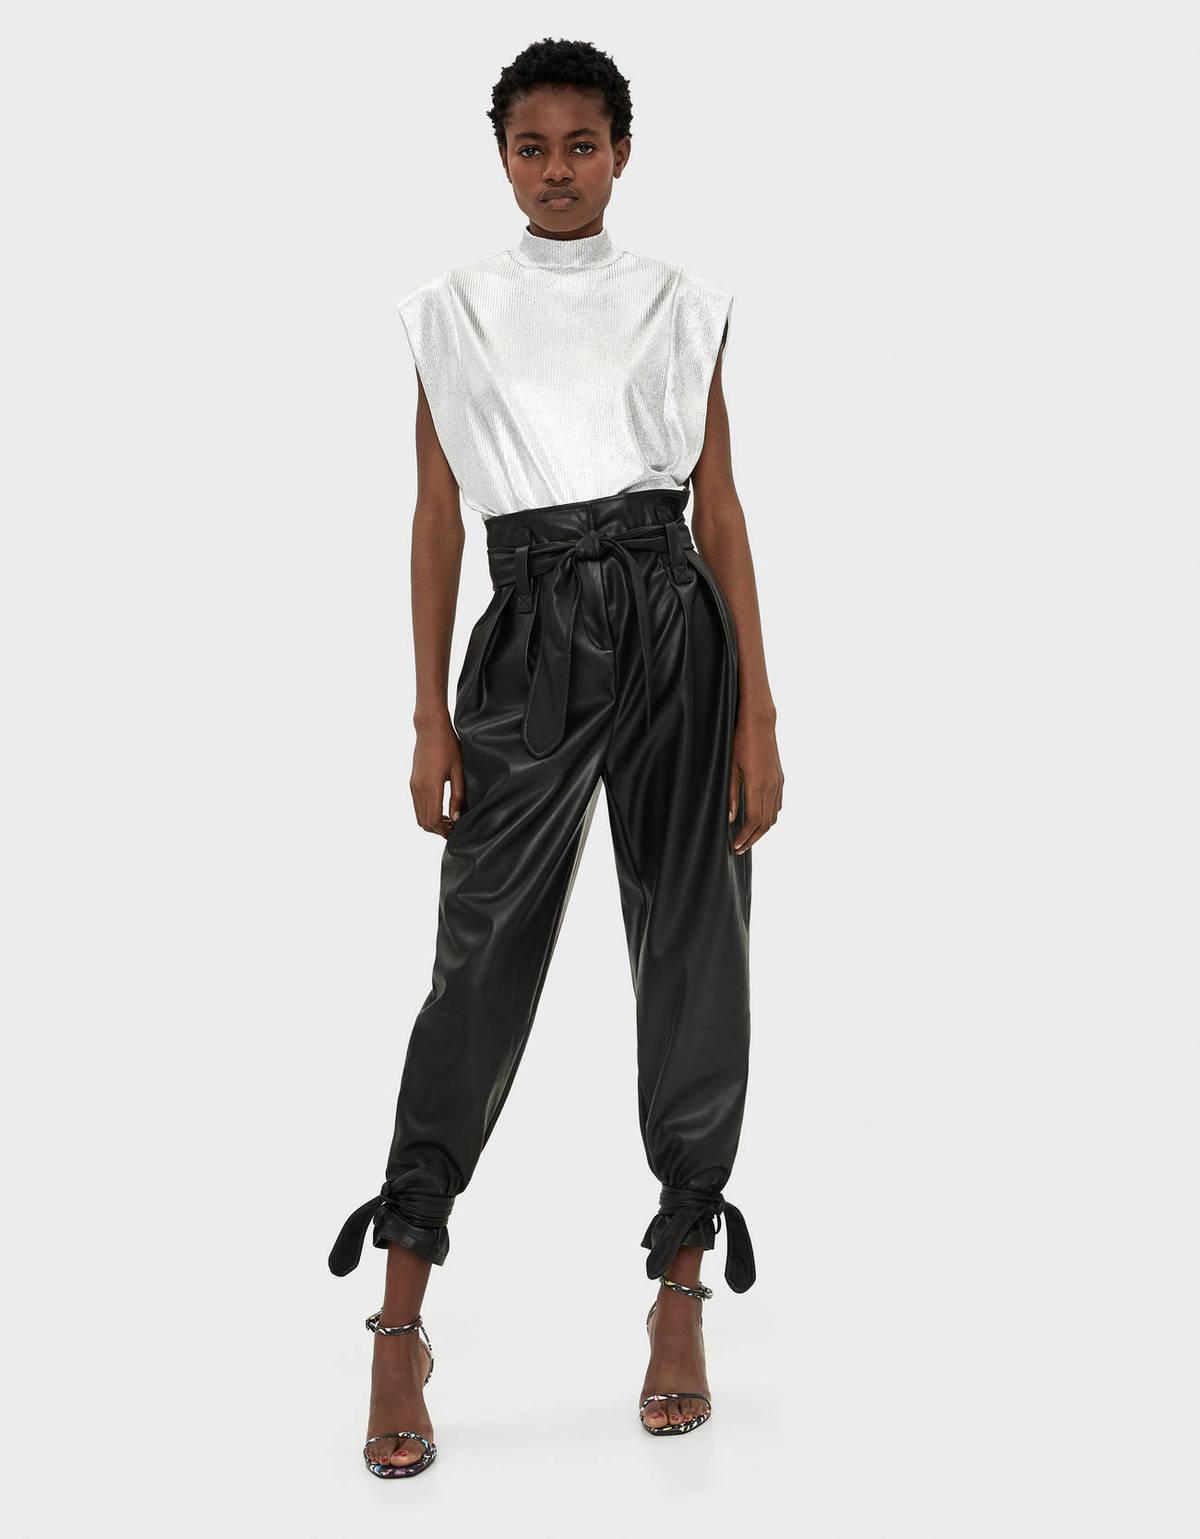 Como Combinar Los Pantalones Slouchy Pantalones De Moda En Otono Invierno 2020 2021 Modaellas Com